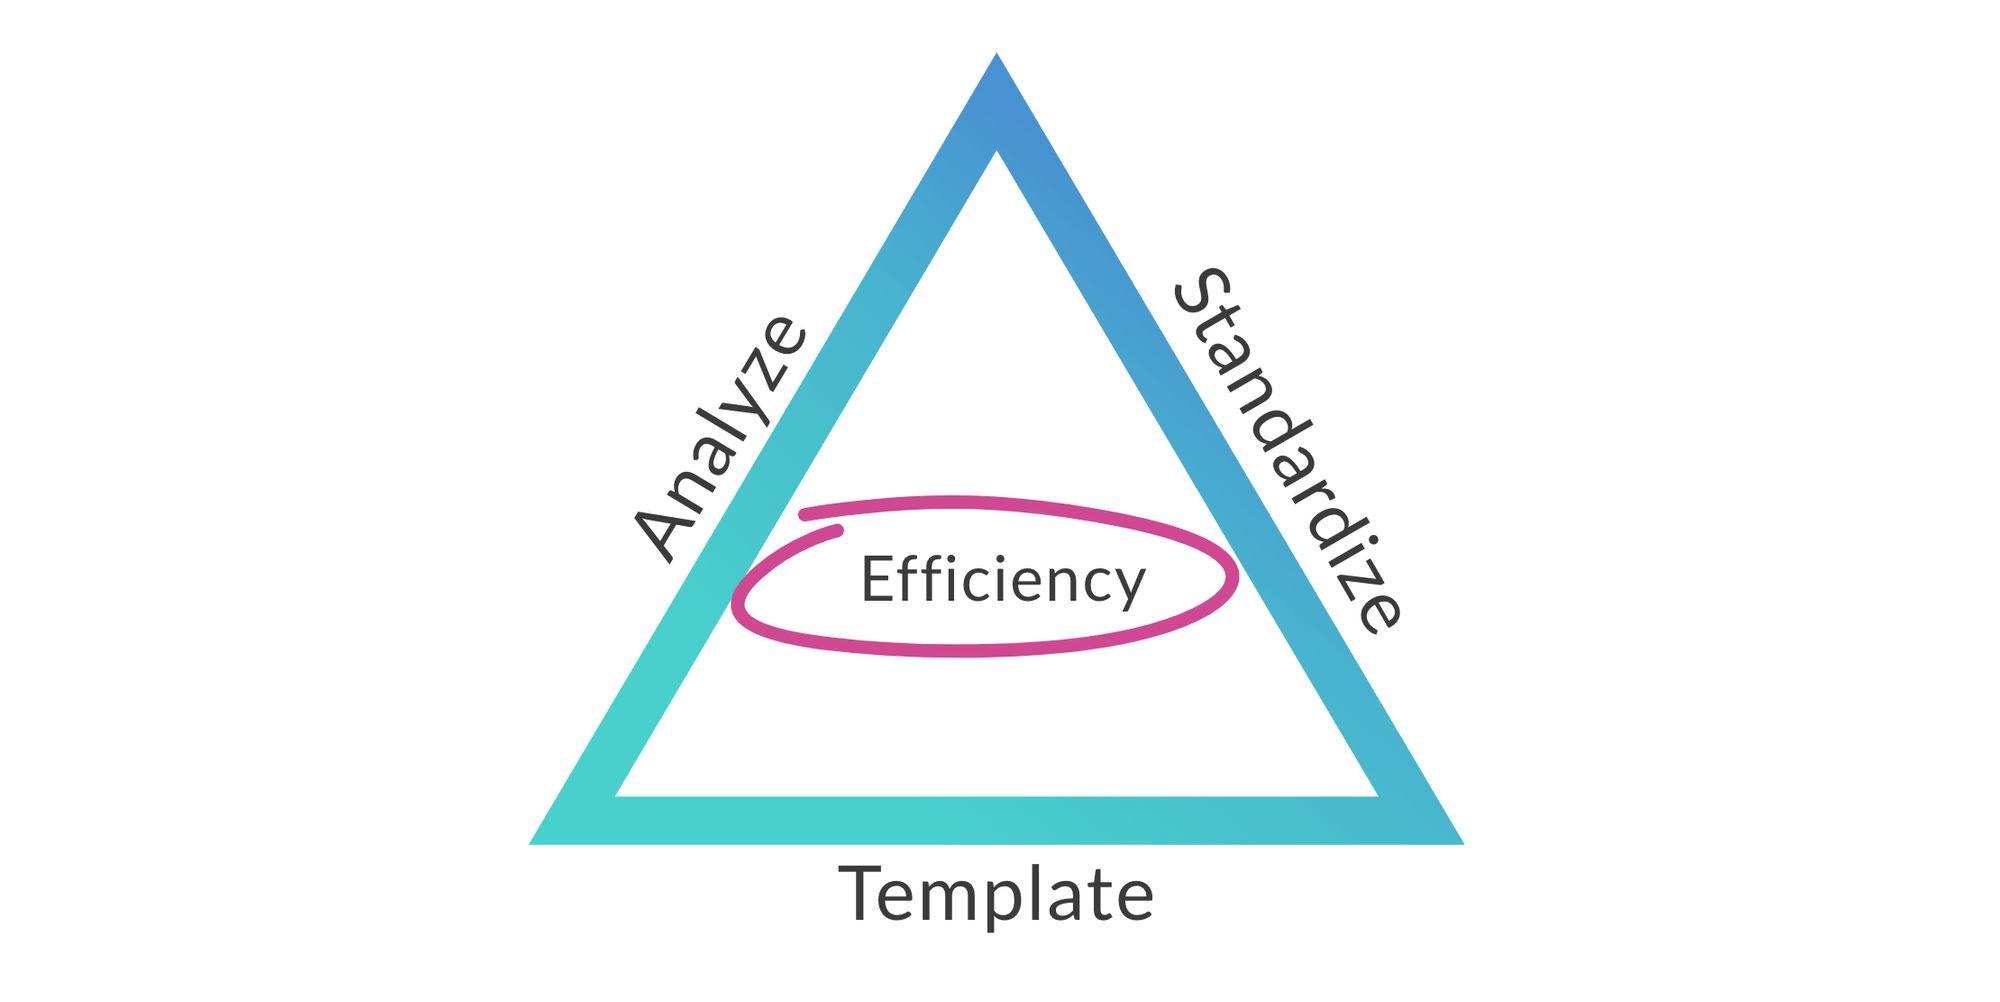 Release Governance Framework for better releases